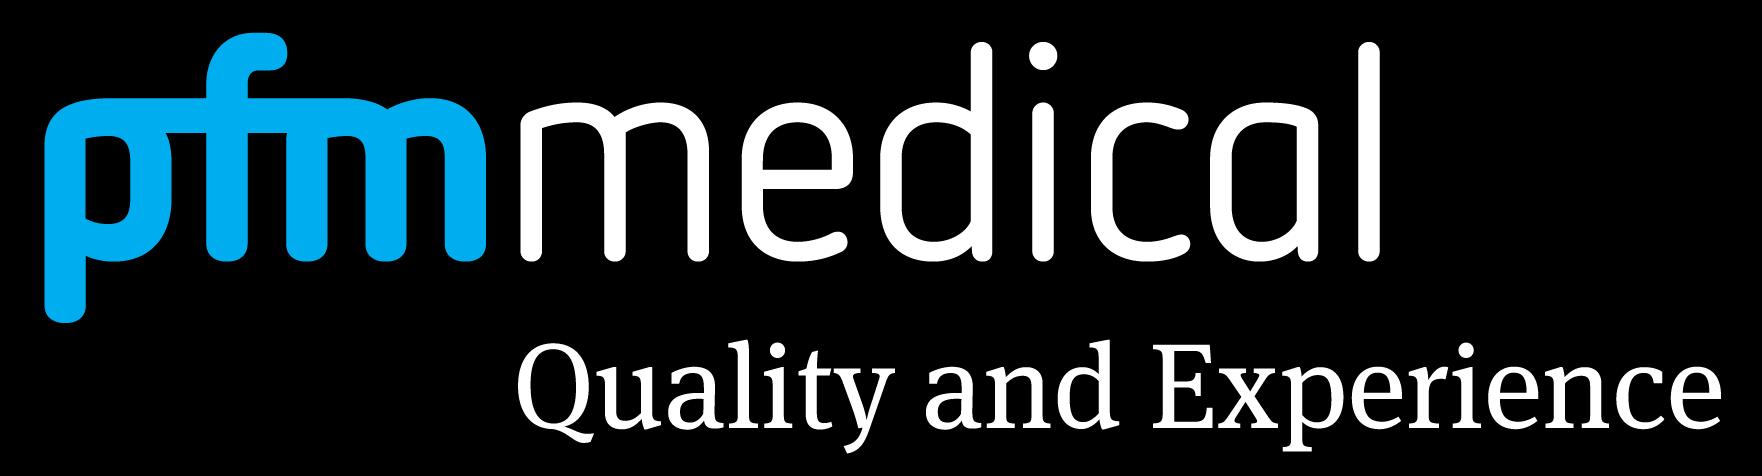 pfmmedical-logo-w-claim-inverse